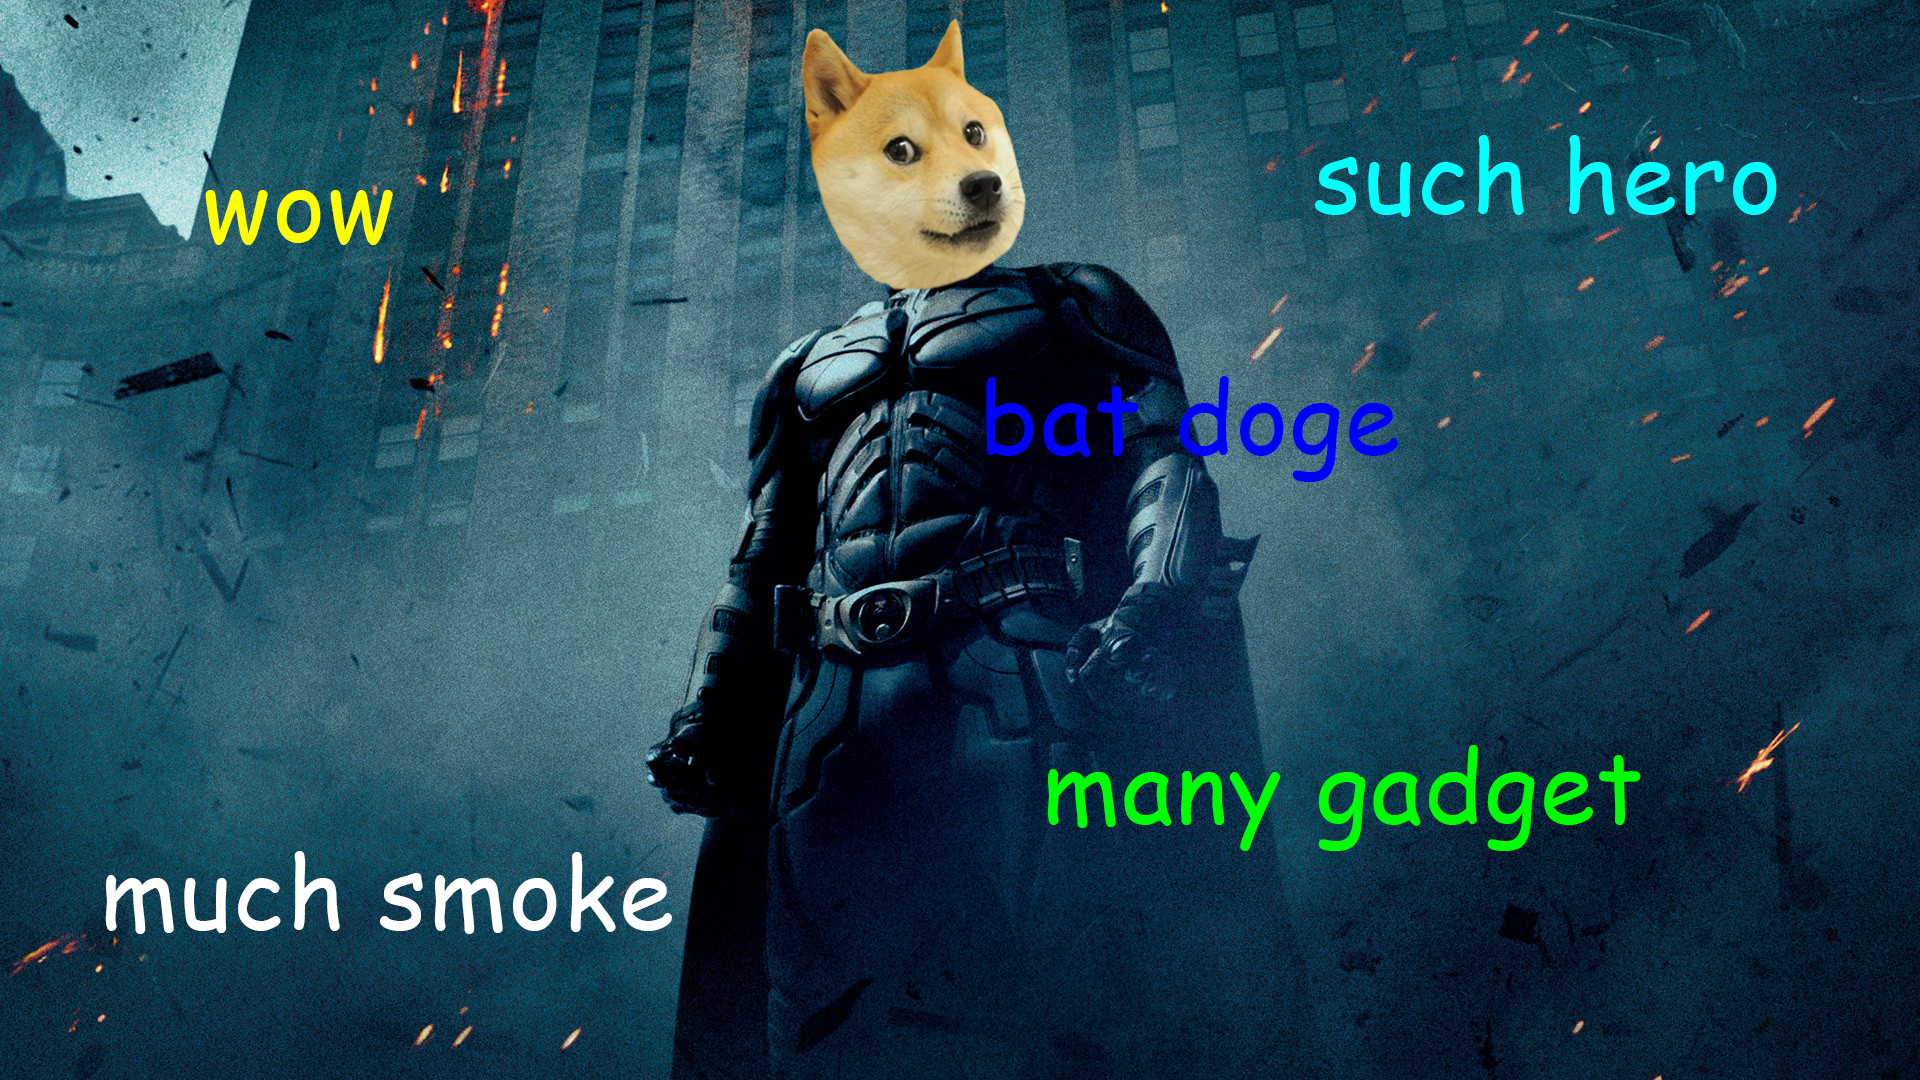 008 batdoge doge know your meme,Doge Meme Wallpaper